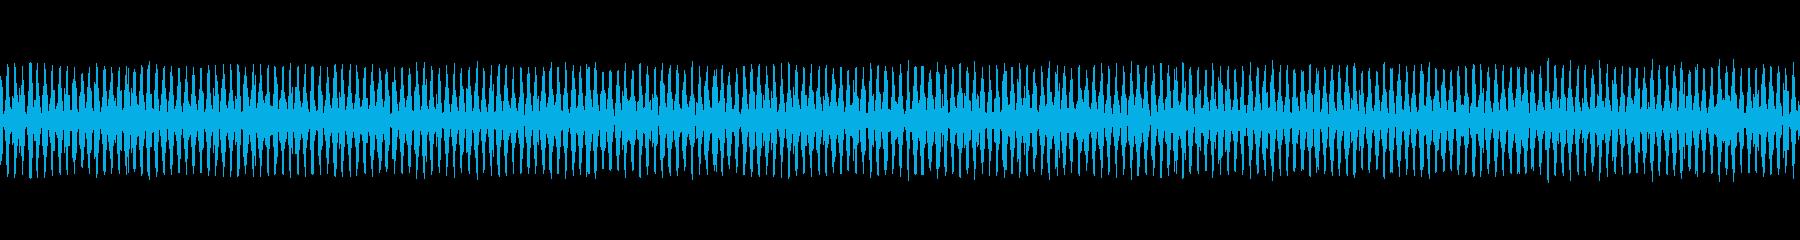 ガガガガガガ(8ビット風機械の動作音)の再生済みの波形